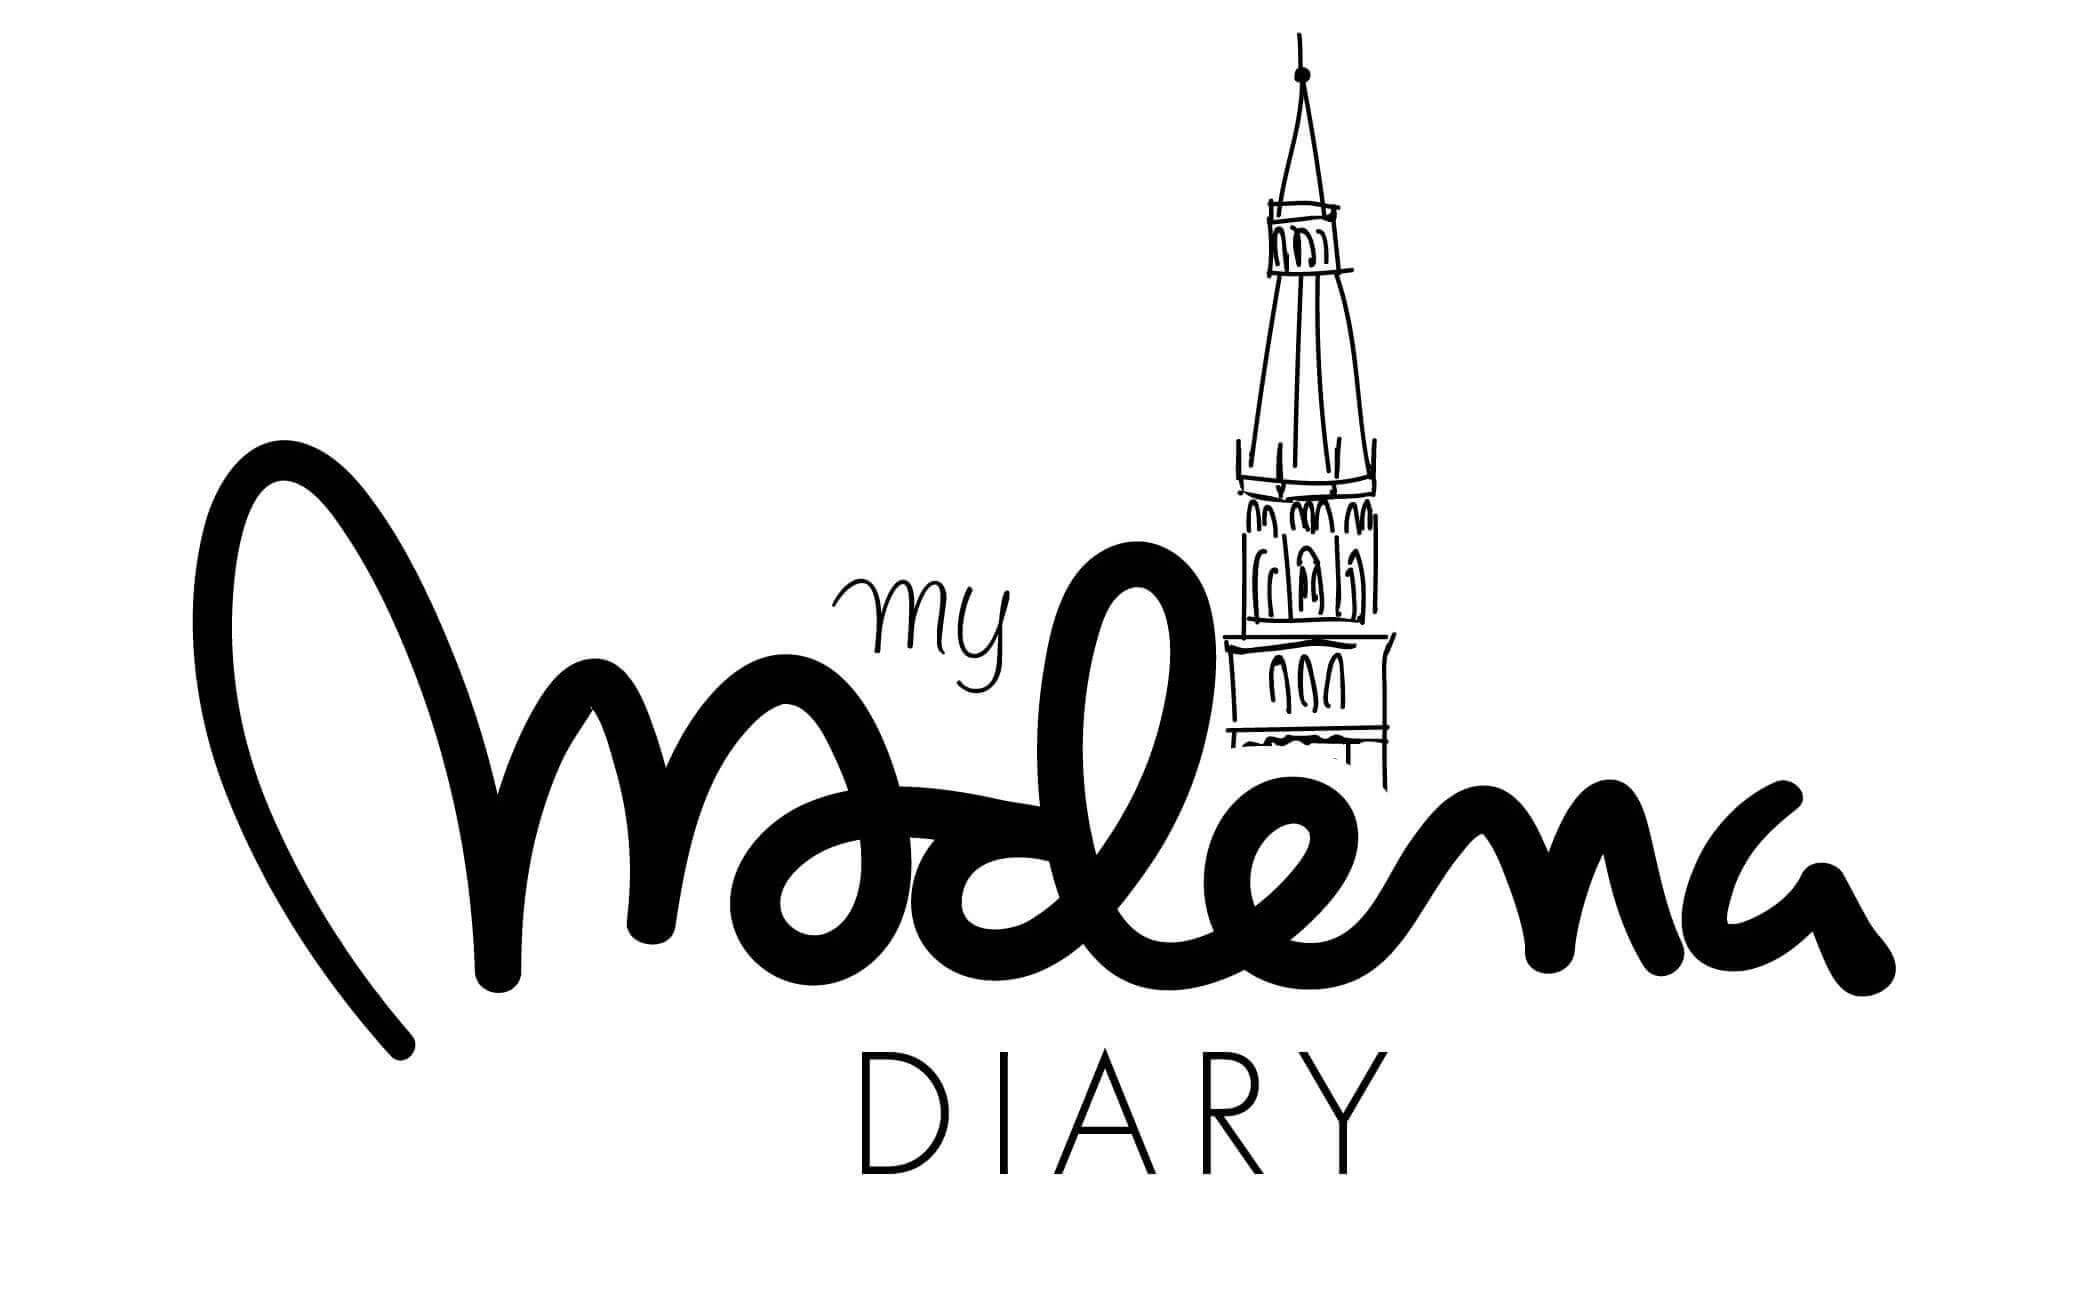 My Modena Diary